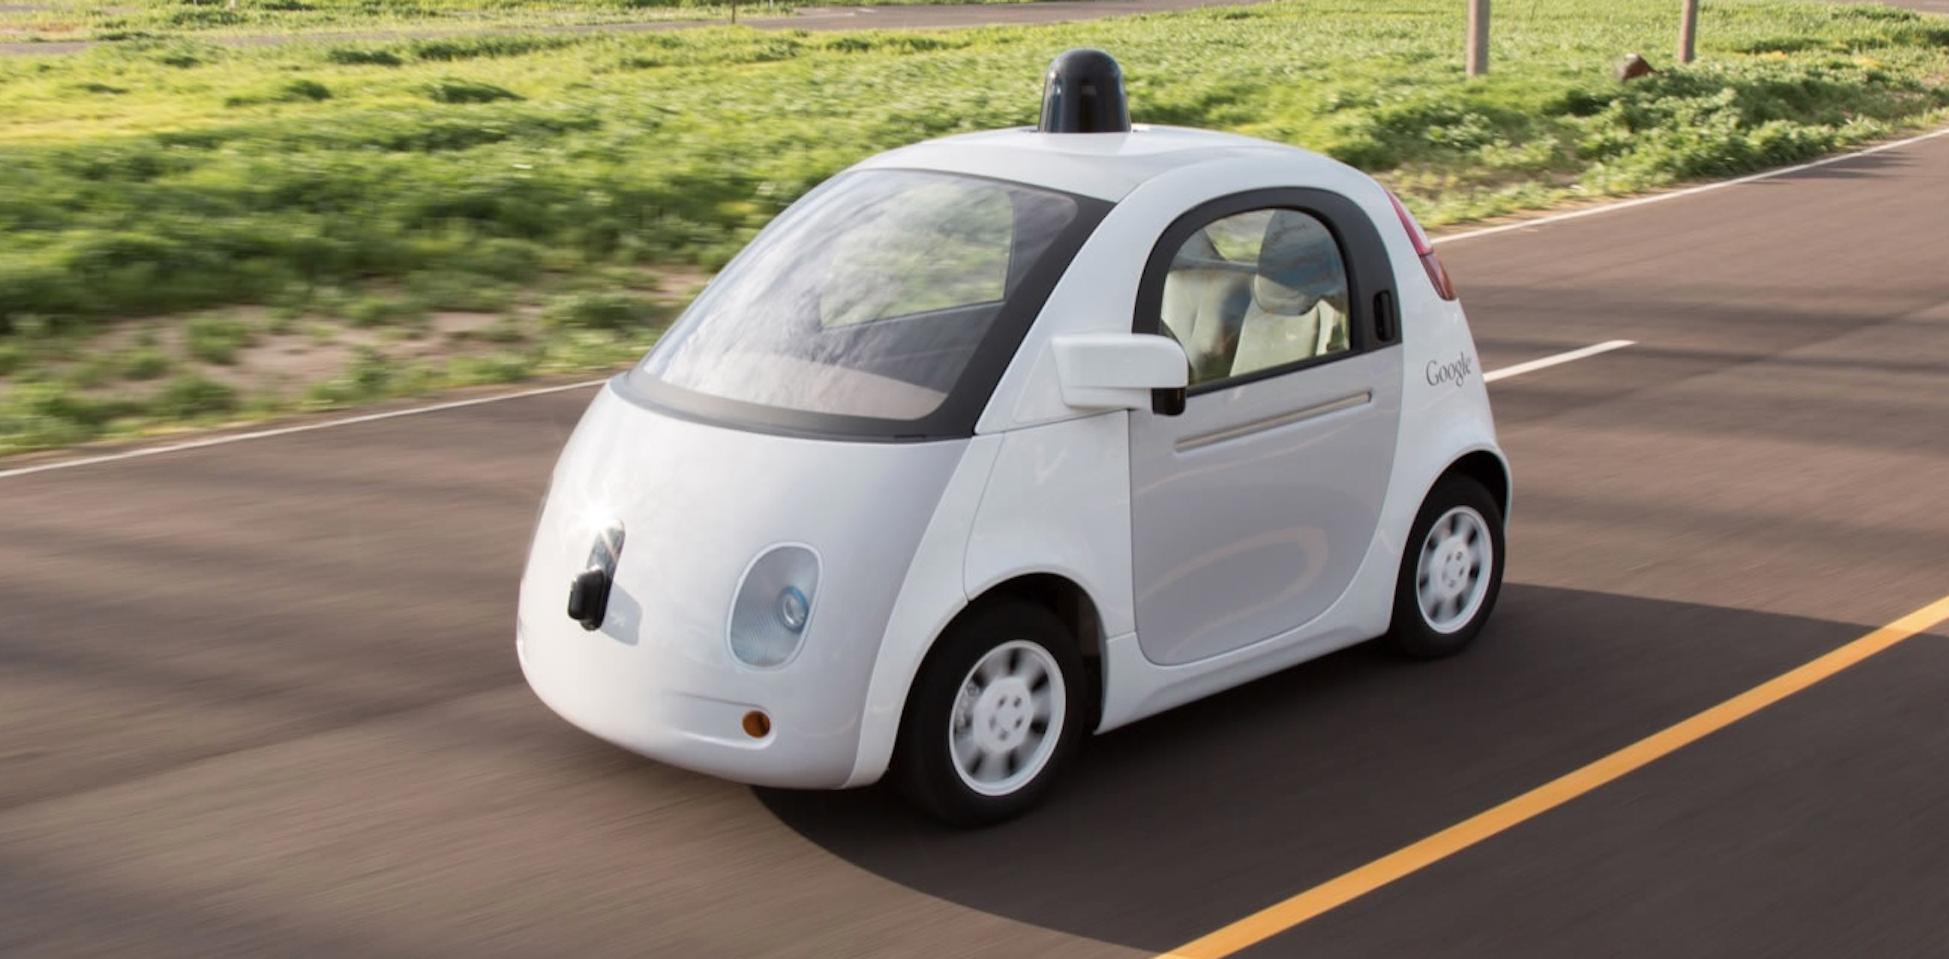 Google's autonomous car prototype.